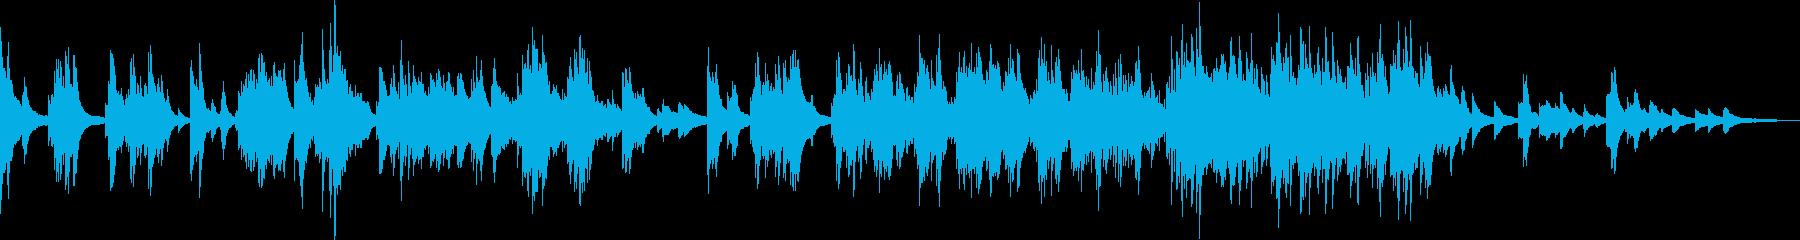 悲劇的なピアノ曲(悲しい・暗い・絶望)の再生済みの波形